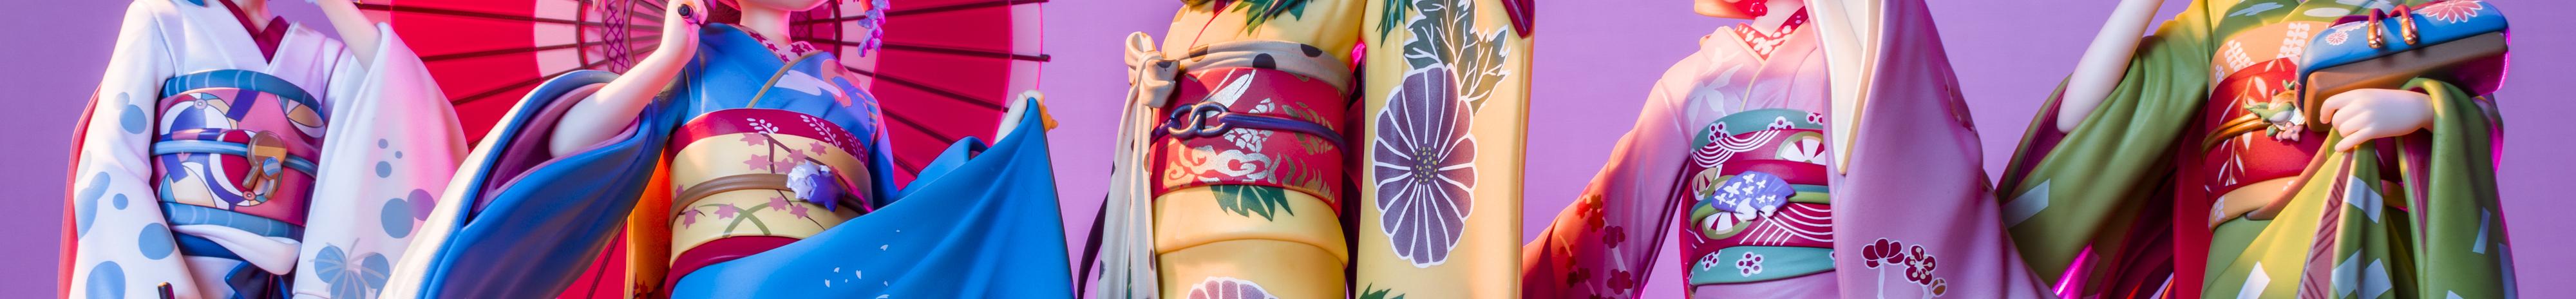 good_smile_company kaname_madoka aniplex miki_sayaka charlotte tomoe_mami akemi_homura sakura_kyouko anima miyajima_katsuyoshi nakamura_naoto gekijouban_mahou_shoujo_madoka★magica yoshikuni_kei stronger